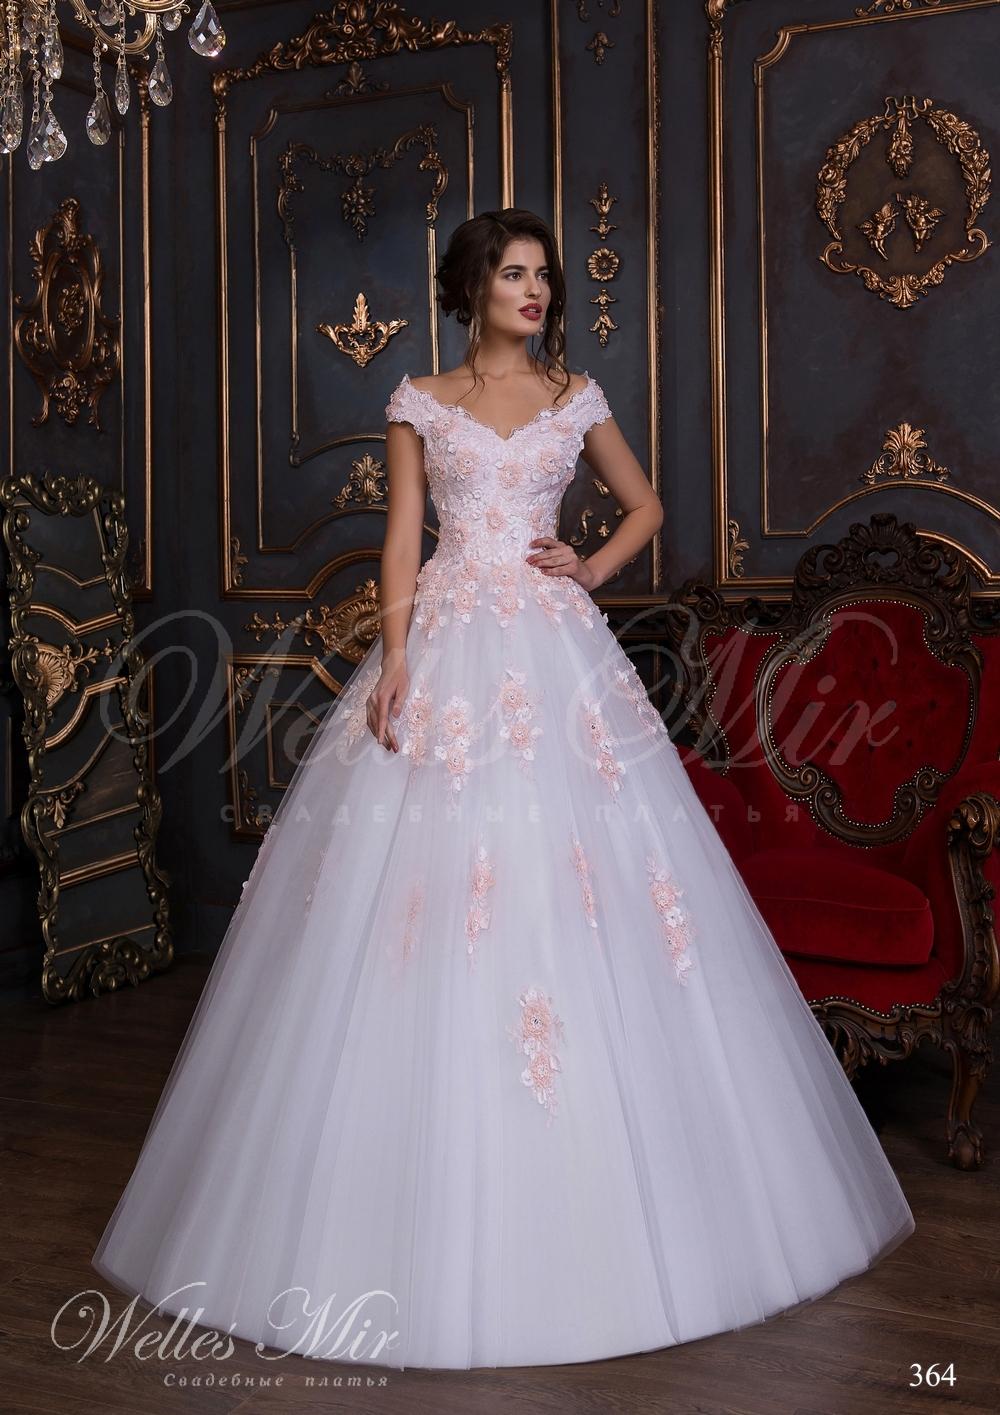 Свадебные платья Luxury collection 2017-2018 - 364